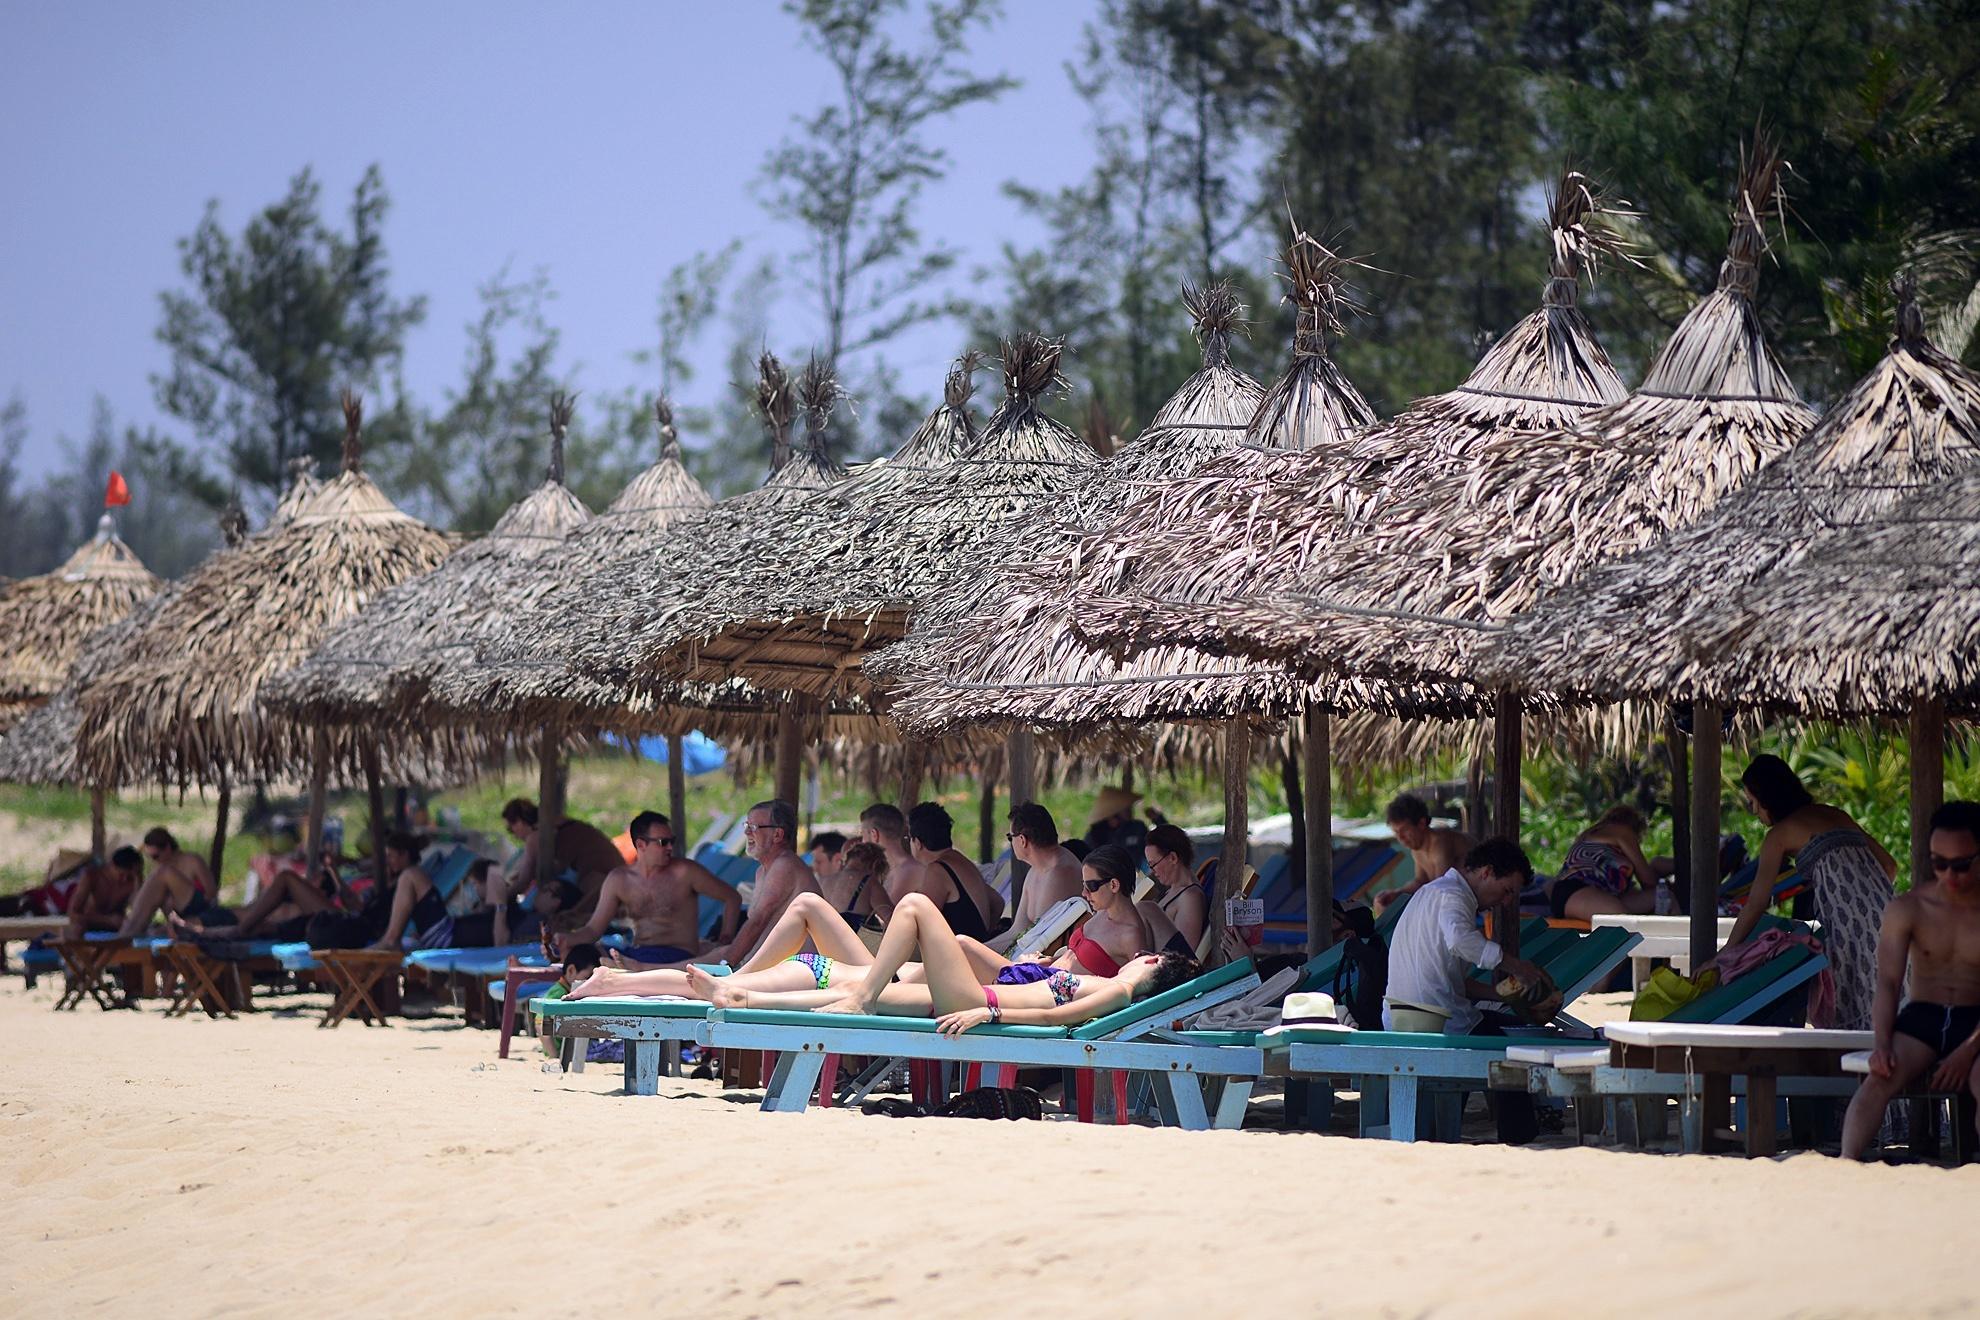 Viet Nam anh 4  - anbang4_zing_1 - An Bàng, Mỹ Khê vào top 25 bãi biển đẹp nhất châu Á